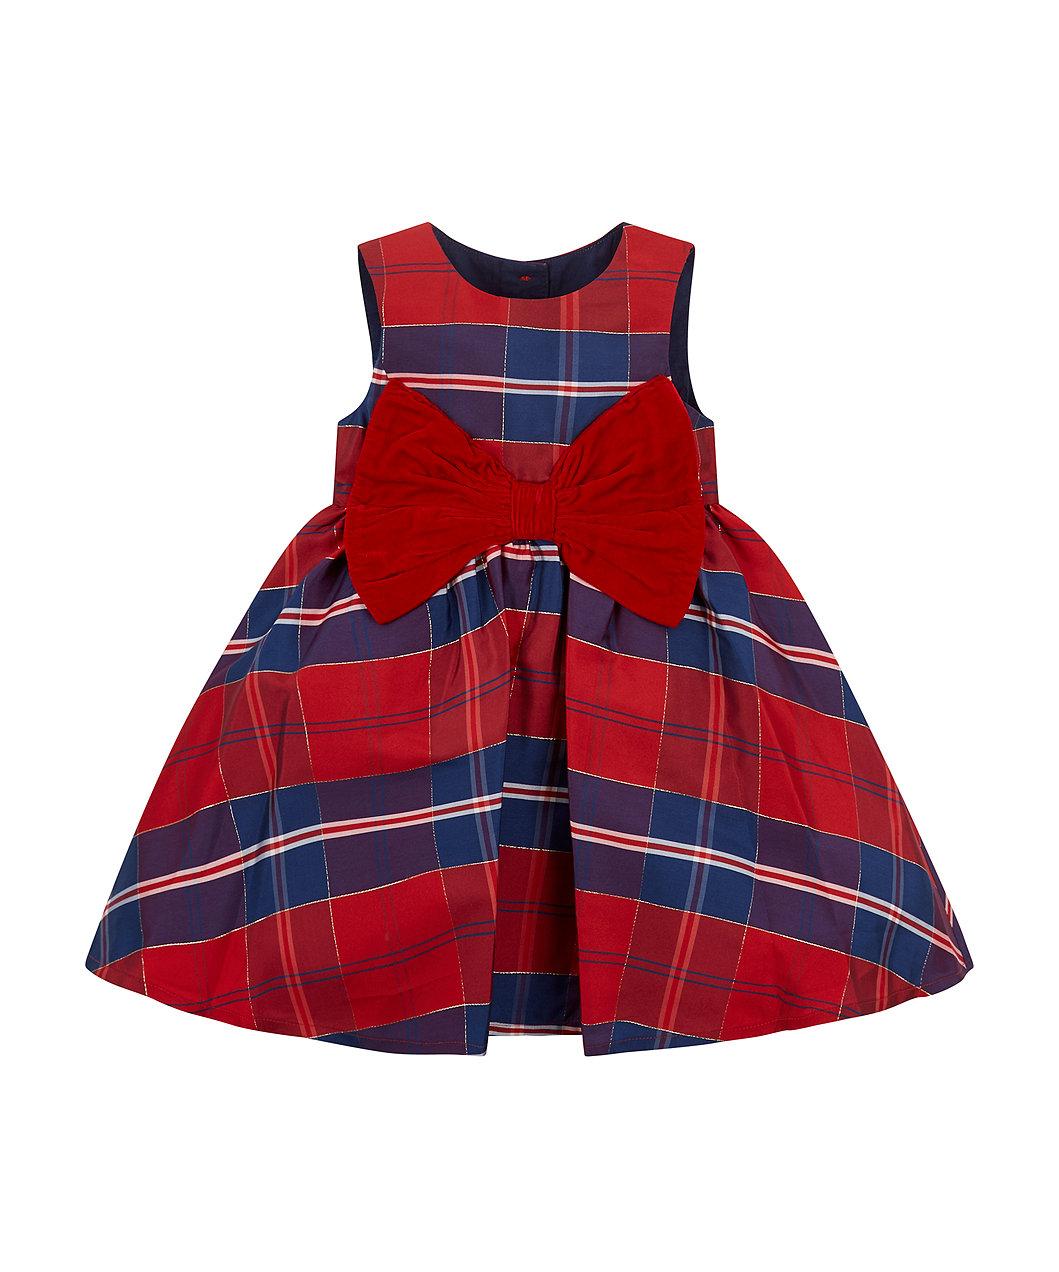 Червона сукня для вечірок 75cfc9d09d305